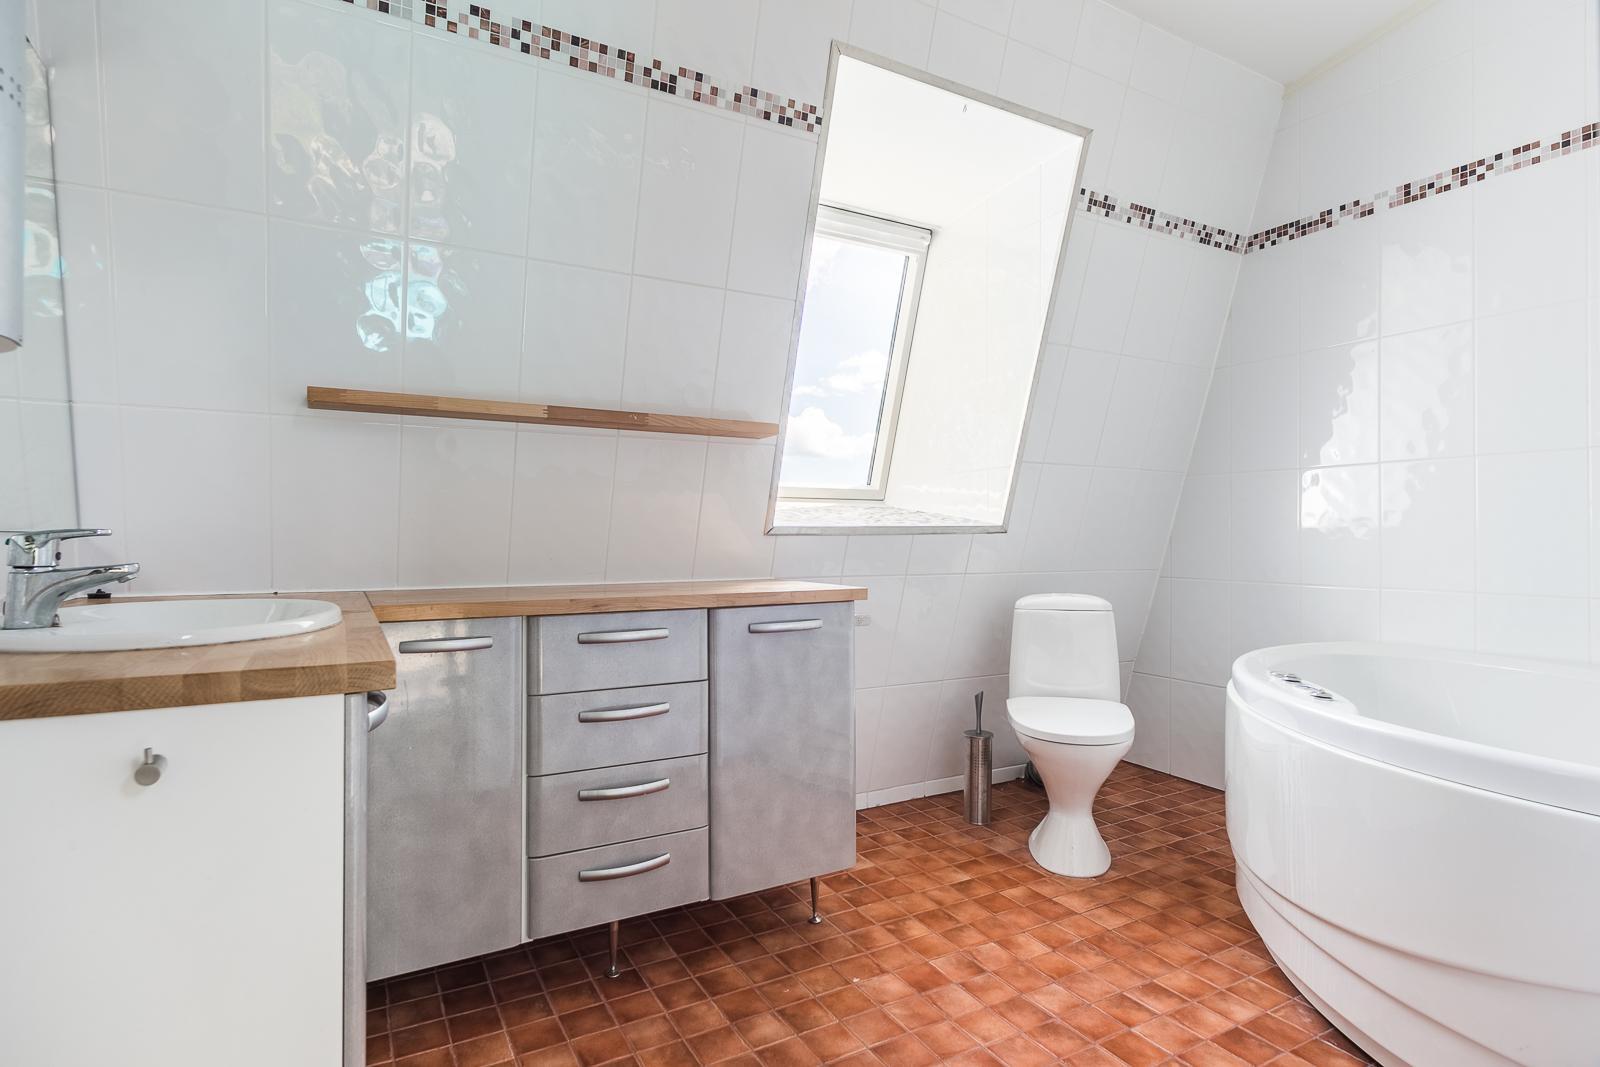 Yläkerran kylpyhuone, jonne on käynti Master bedroomista title=